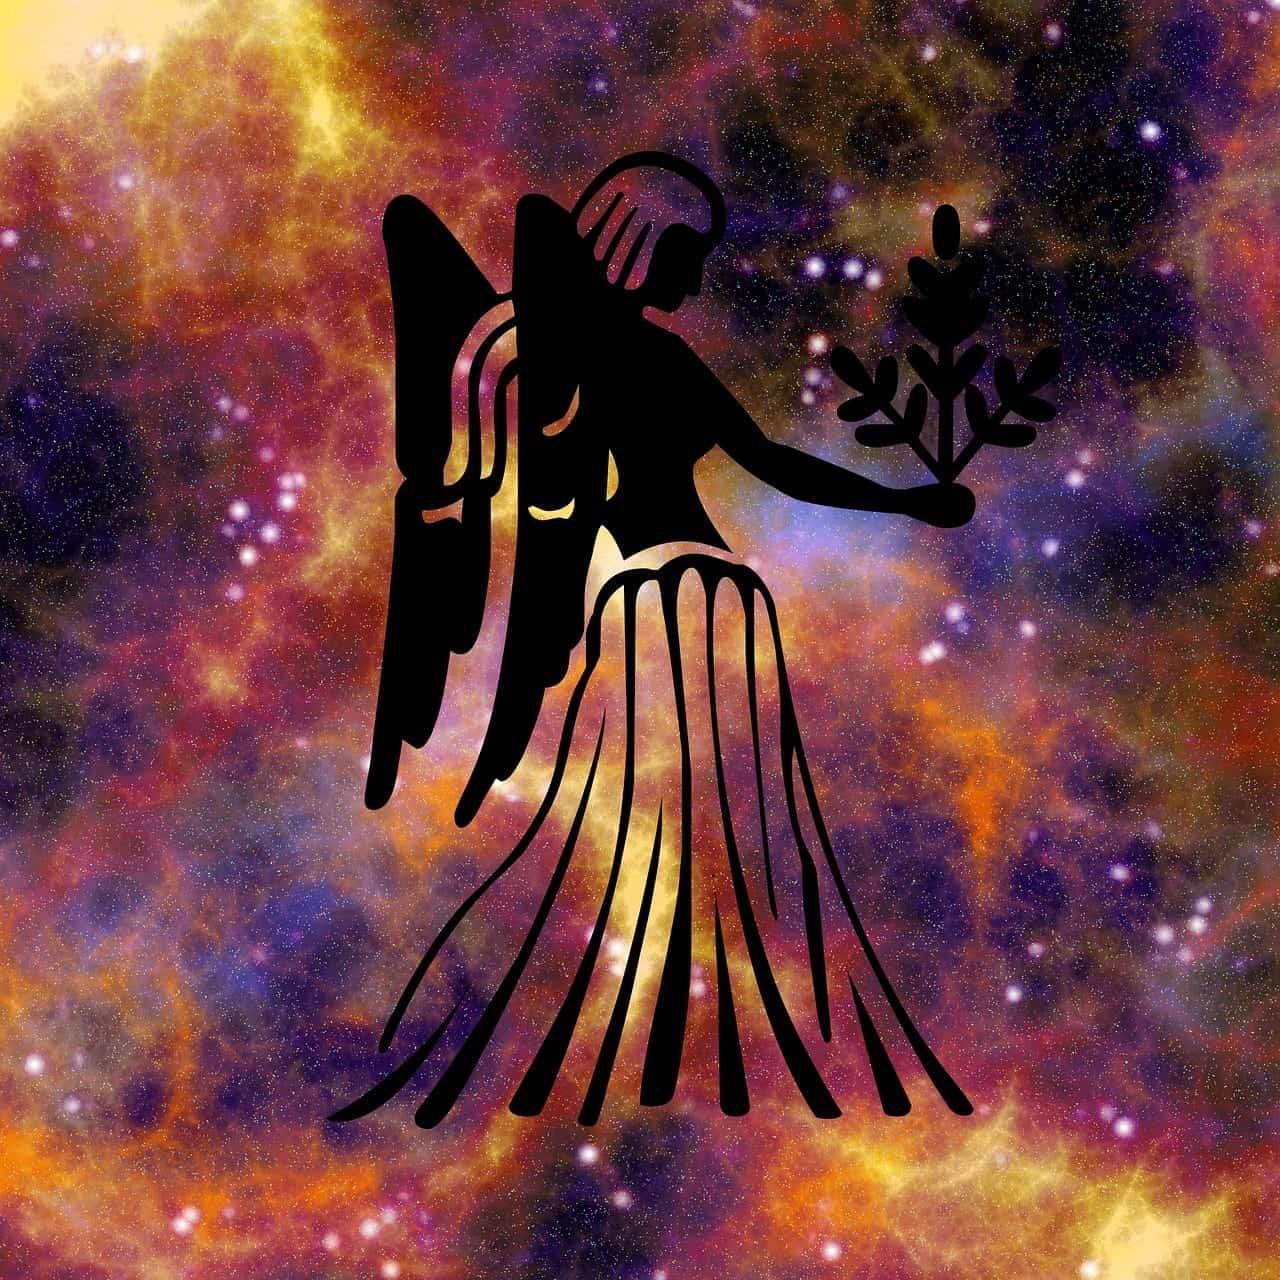 horoscopo de la semana virgo horóscopo de la semana, del 13 al 19 de mayo 2019, ¡grandes propuest ID187657 - hermandadblanca.org